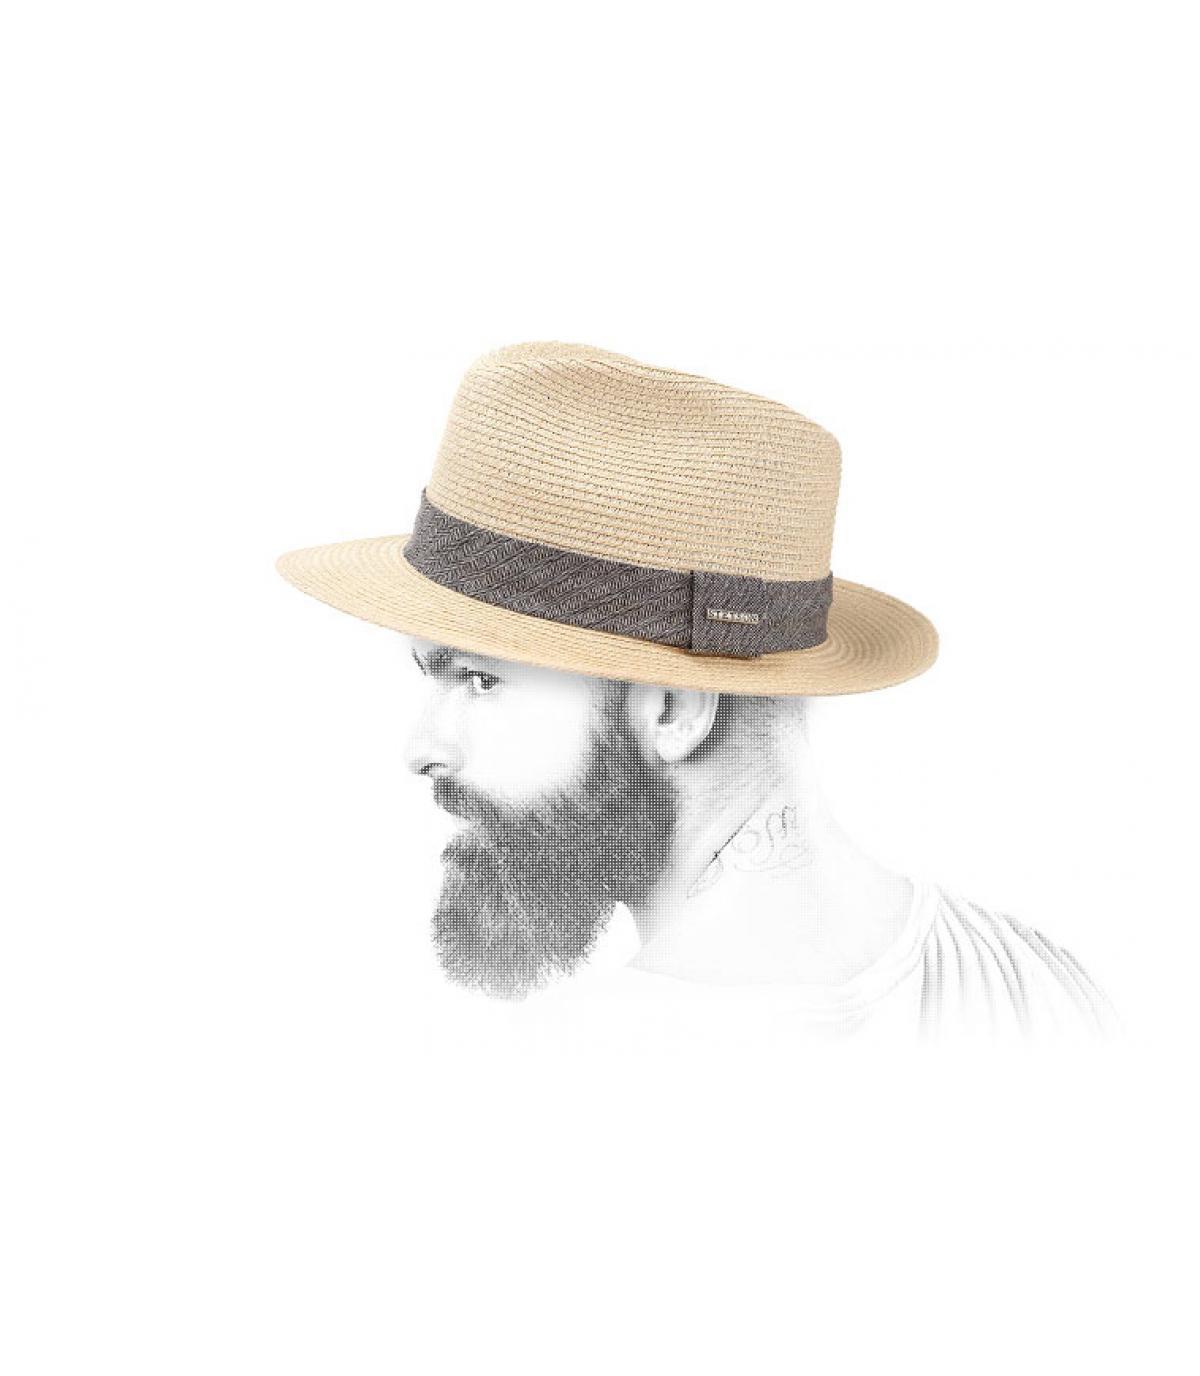 Chapeau paille homme Stetson